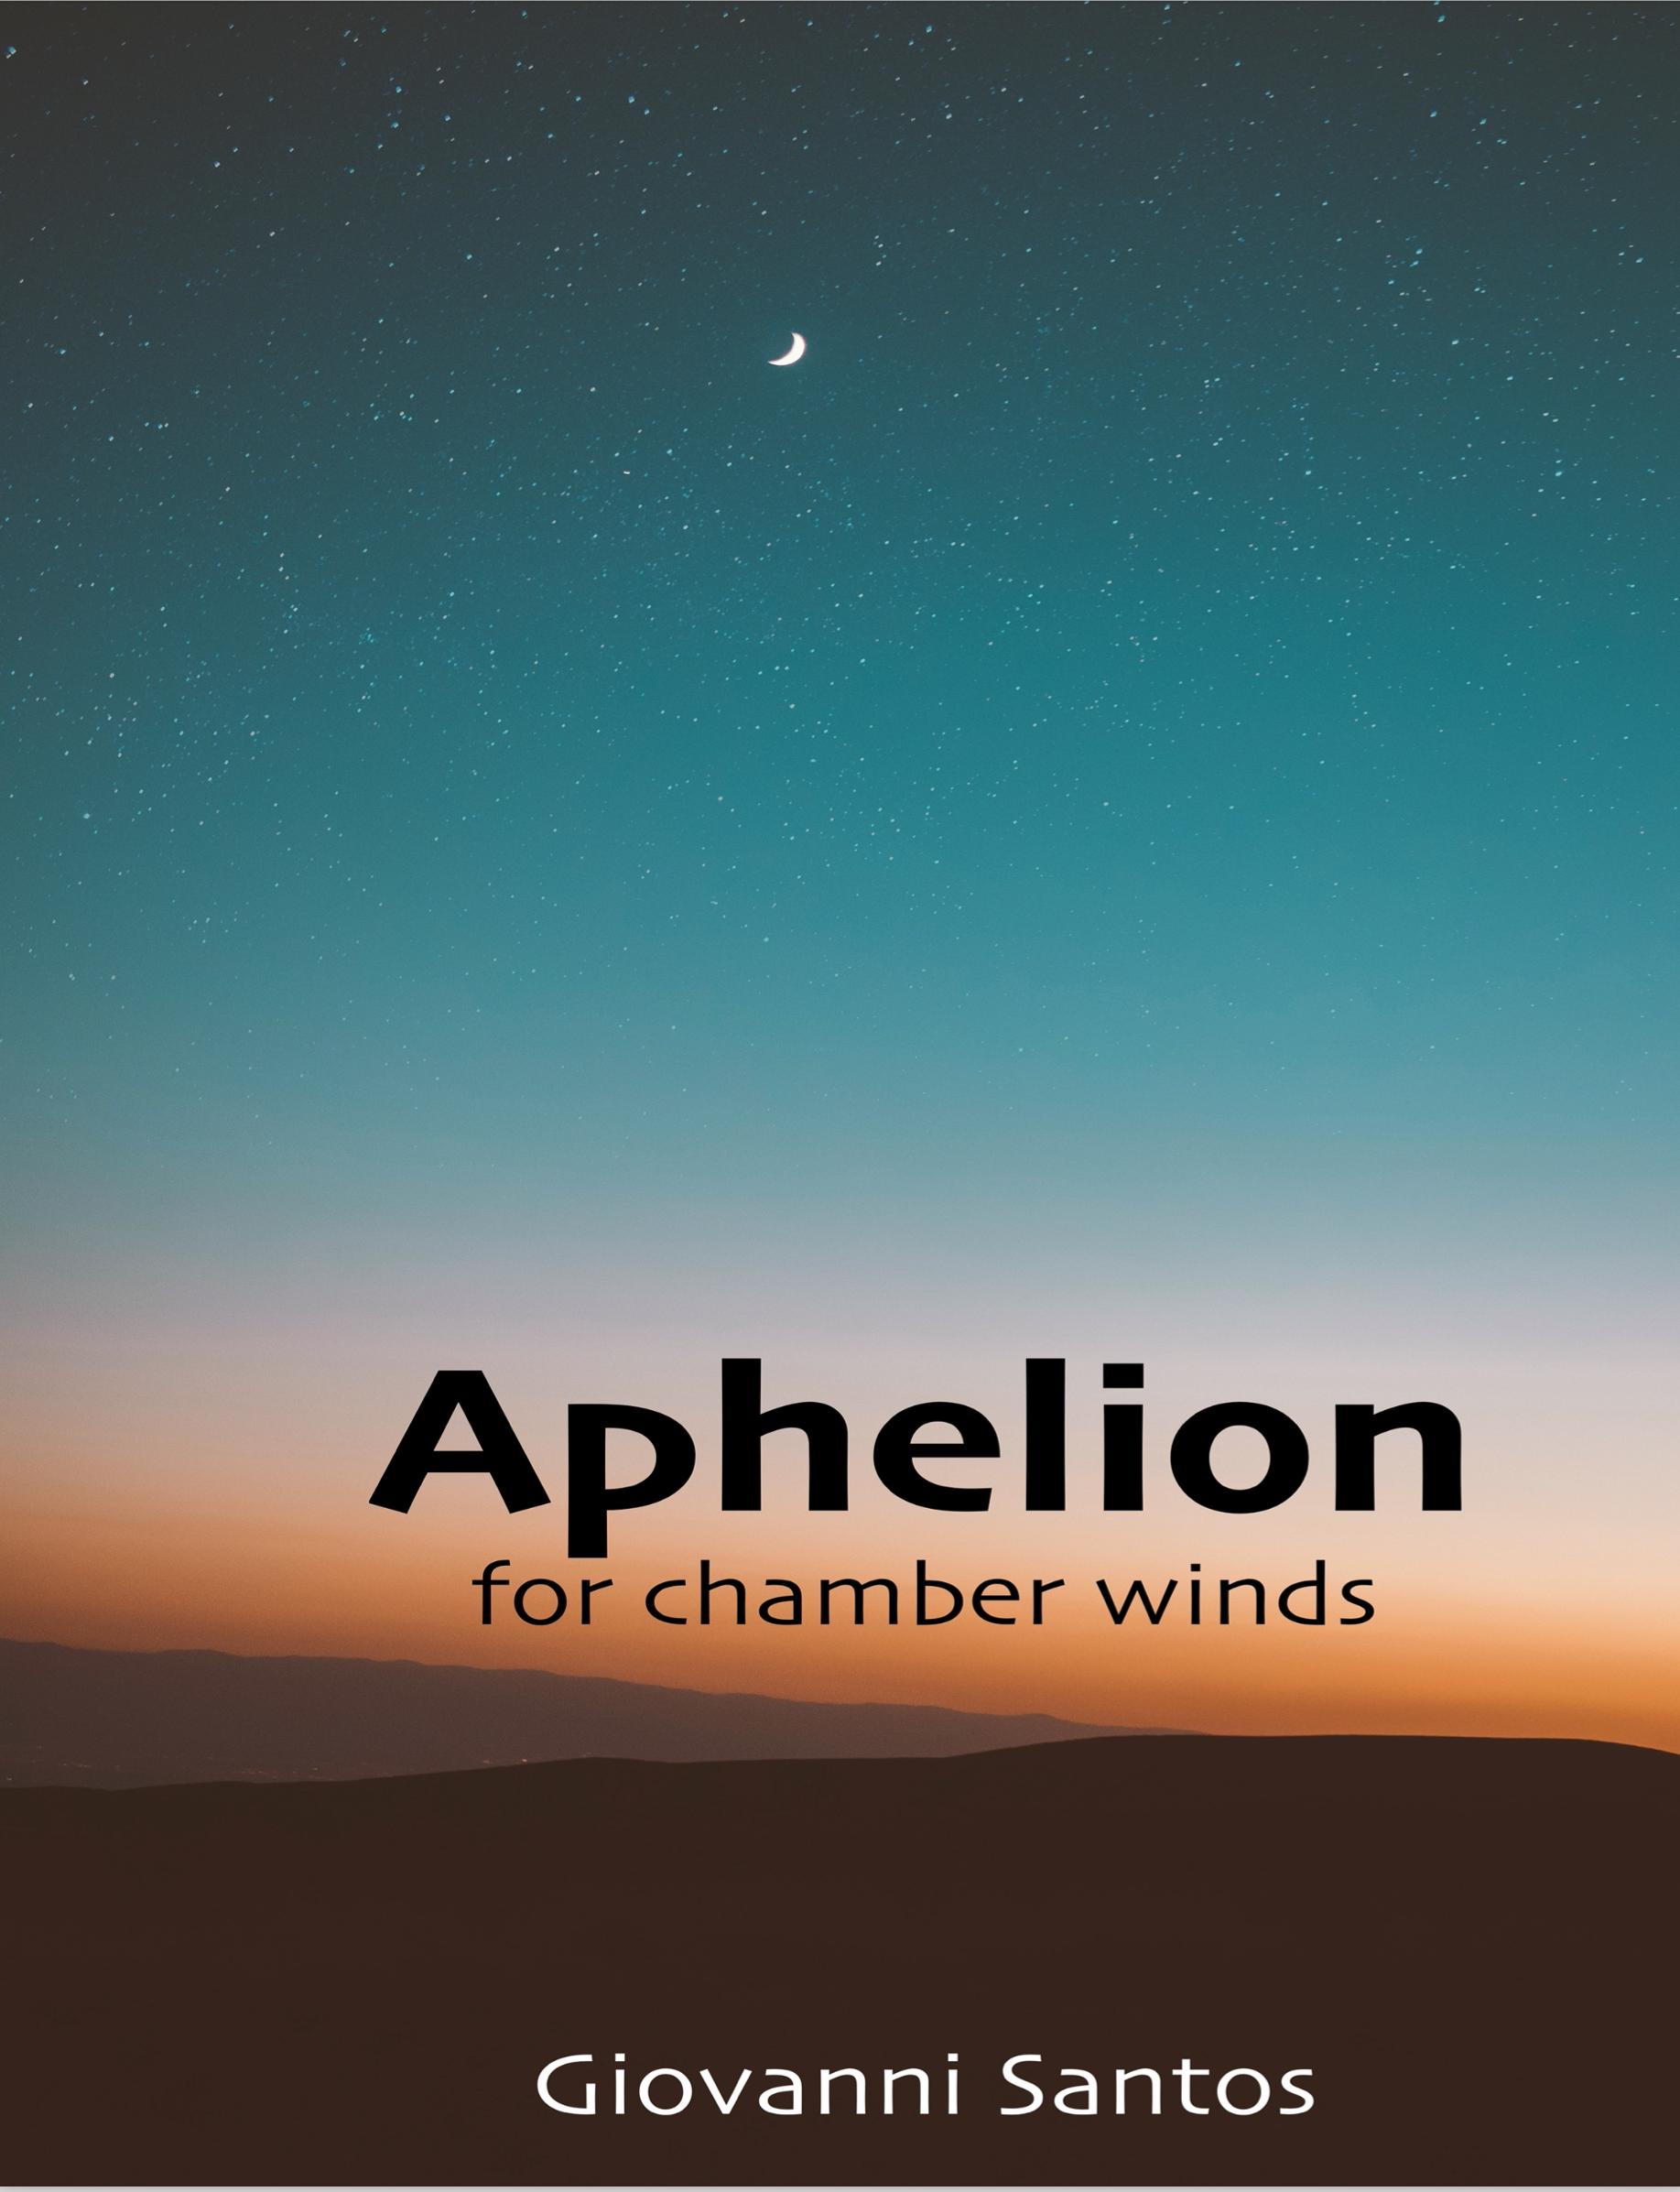 Aphelion by Giovanni Santos